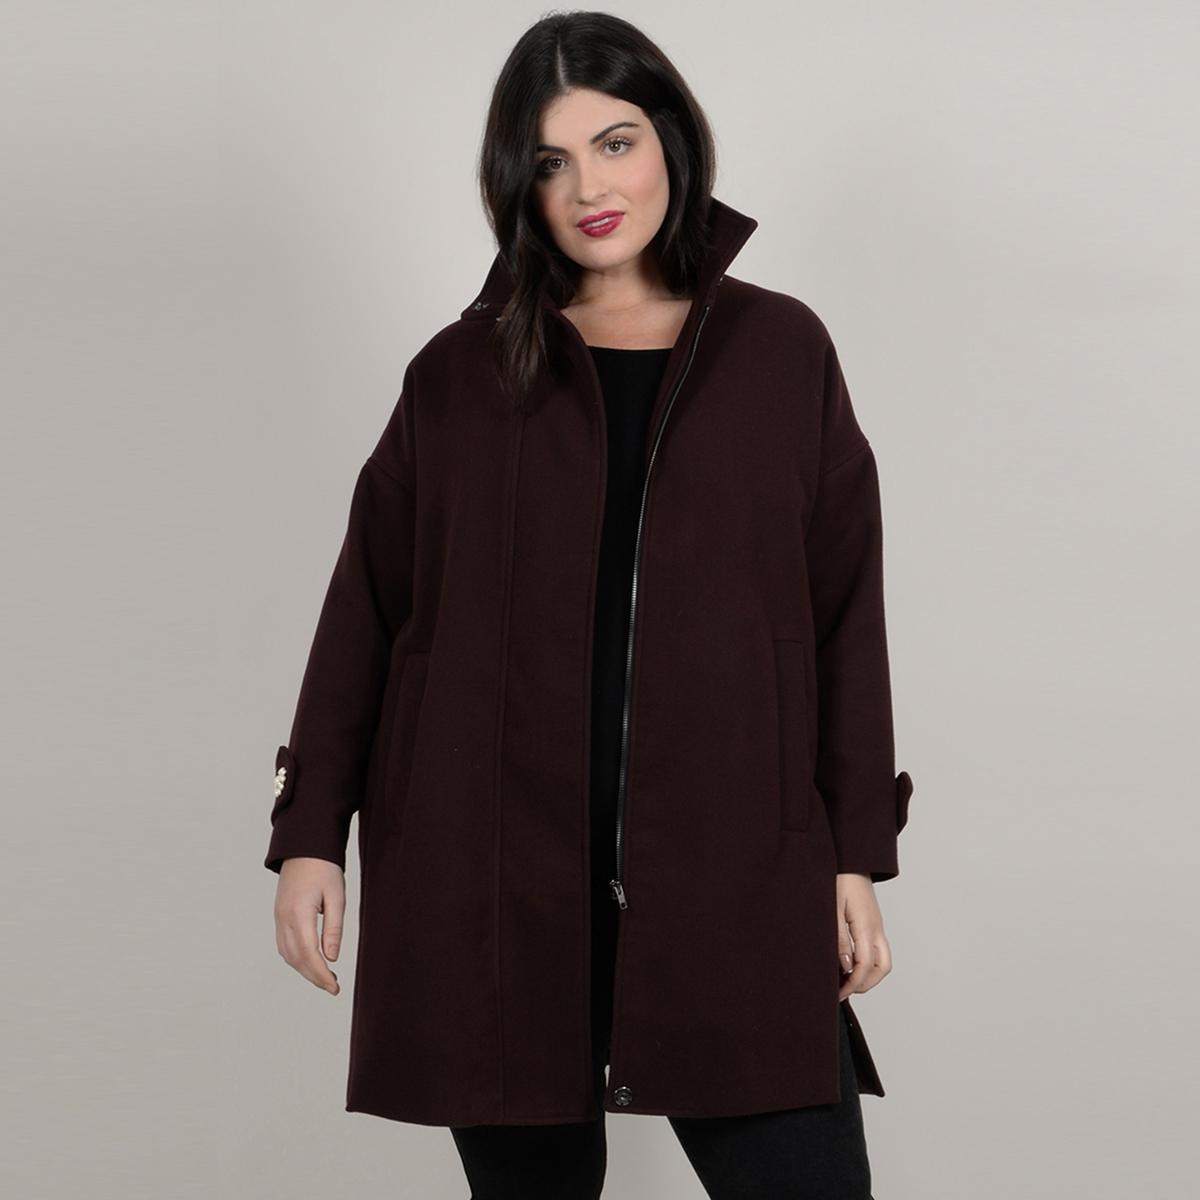 Пальто длинное с застежкой на молнию и воротником-стойкой с украшением